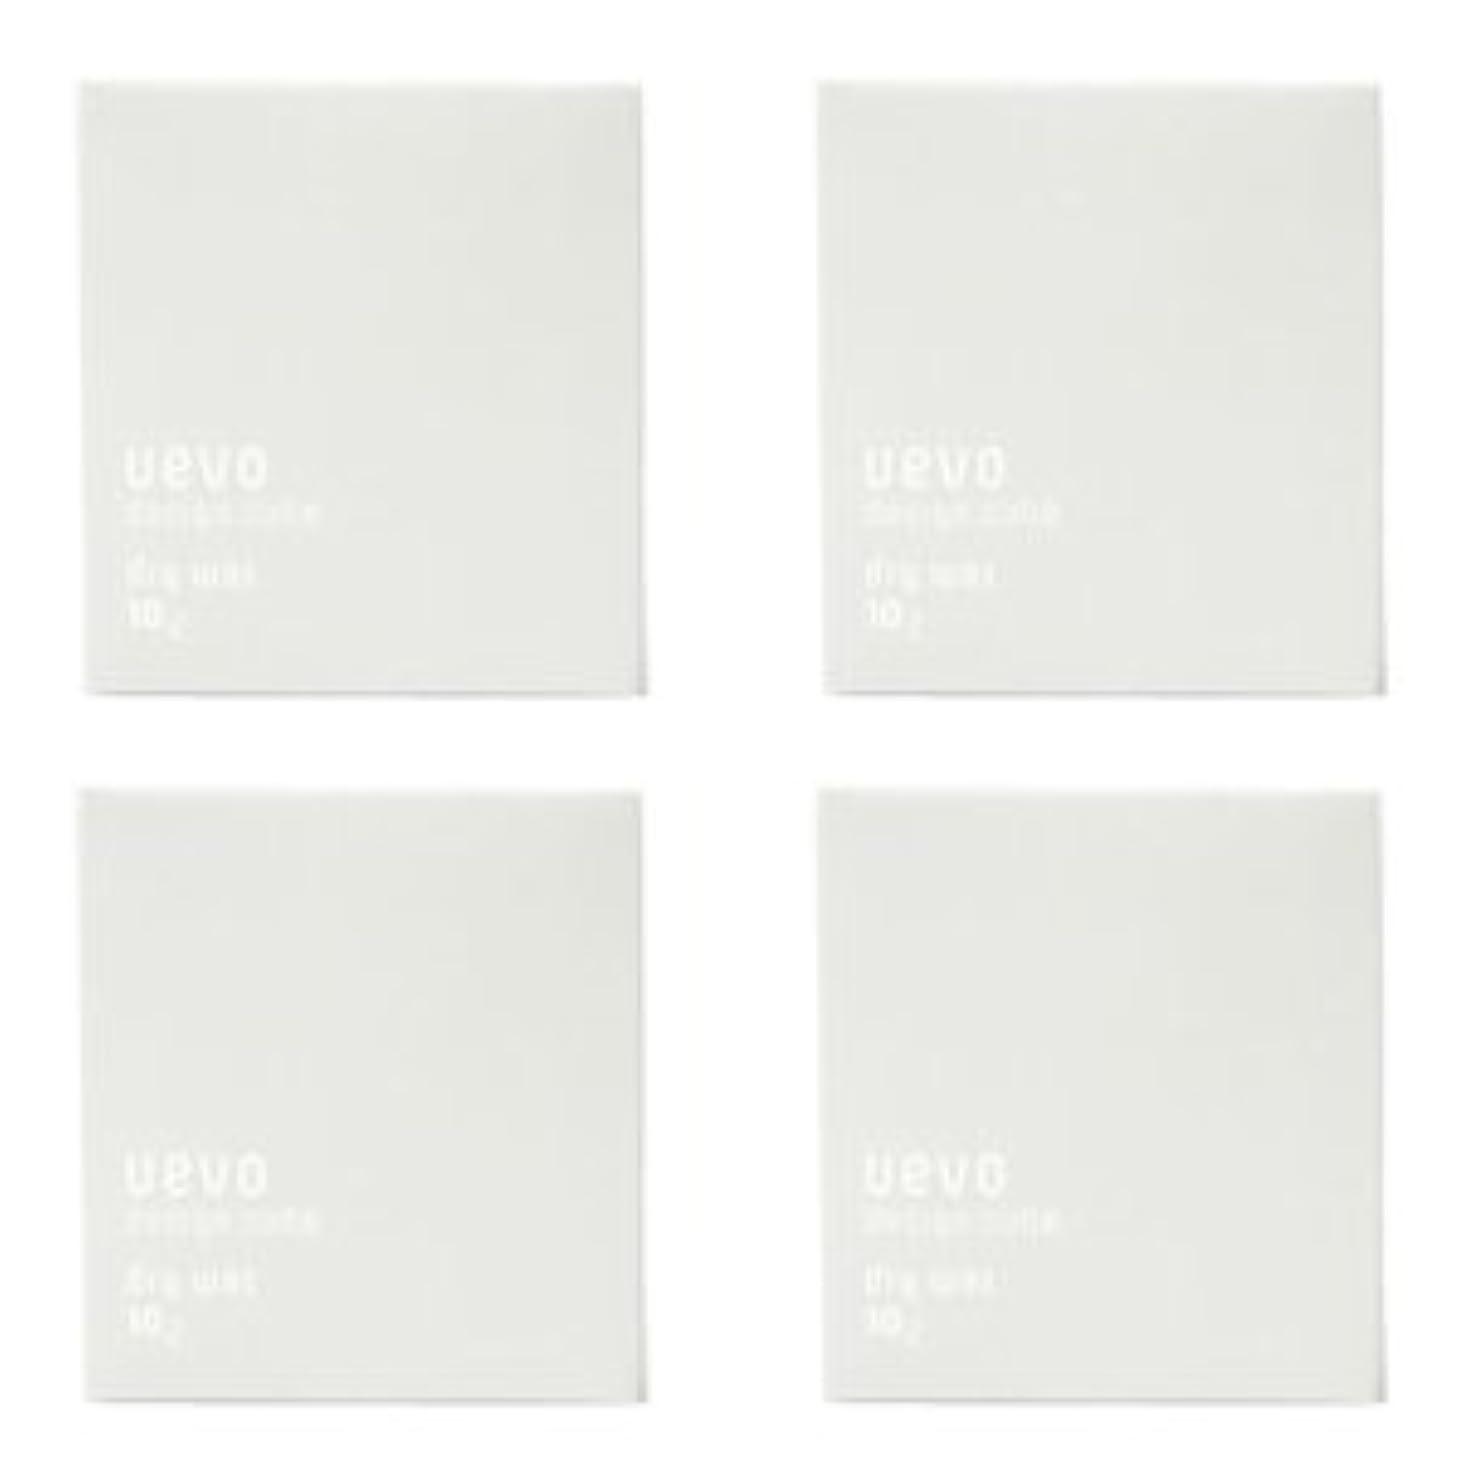 ラフト立法代表団【X4個セット】 デミ ウェーボ デザインキューブ ドライワックス 80g dry wax